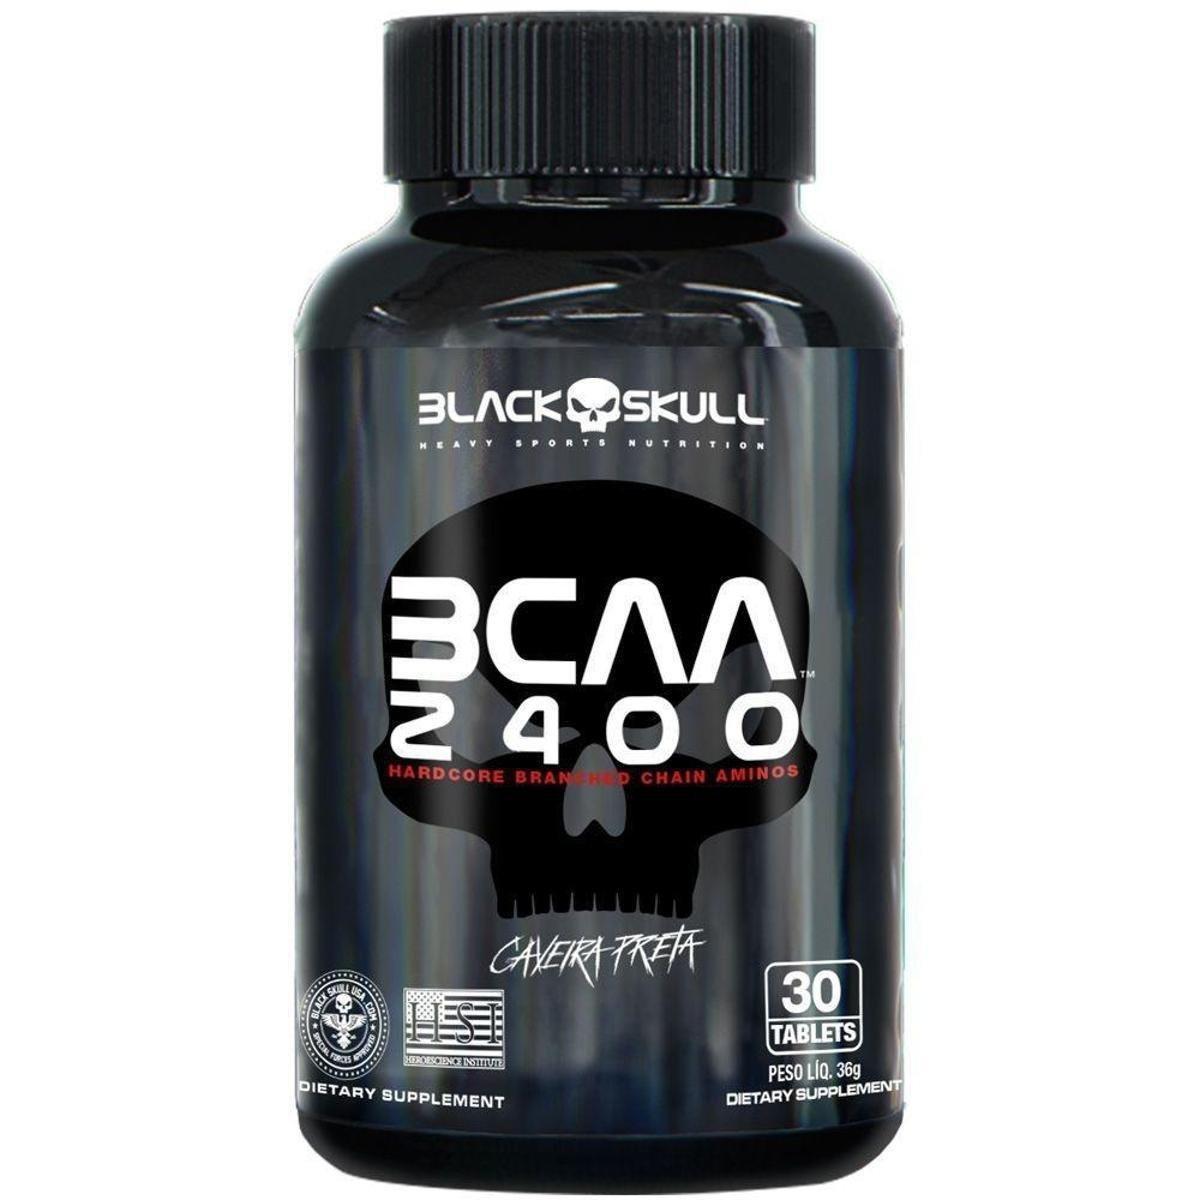 BCAA 2400 30 TABLETES BLACK SKULL - 011